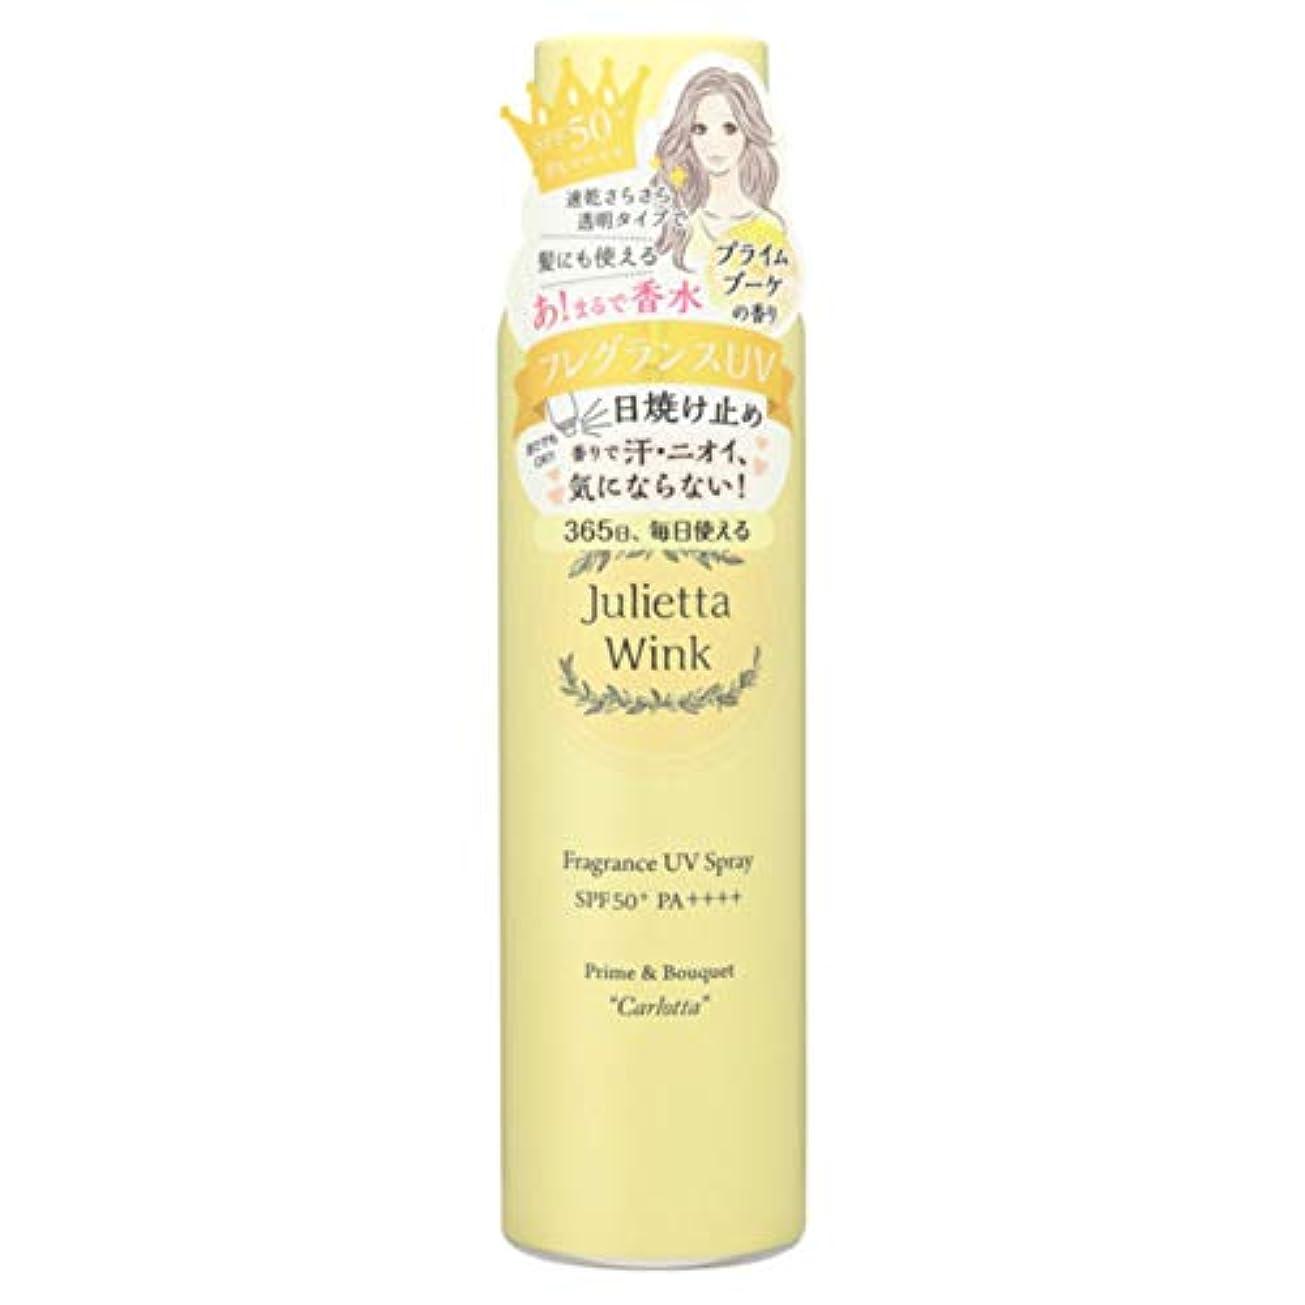 上へバイナリ影響力のあるジュリエッタウィンク フレグランス UVスプレー[カルロッタ]100g プライムブーケの香り(黄)